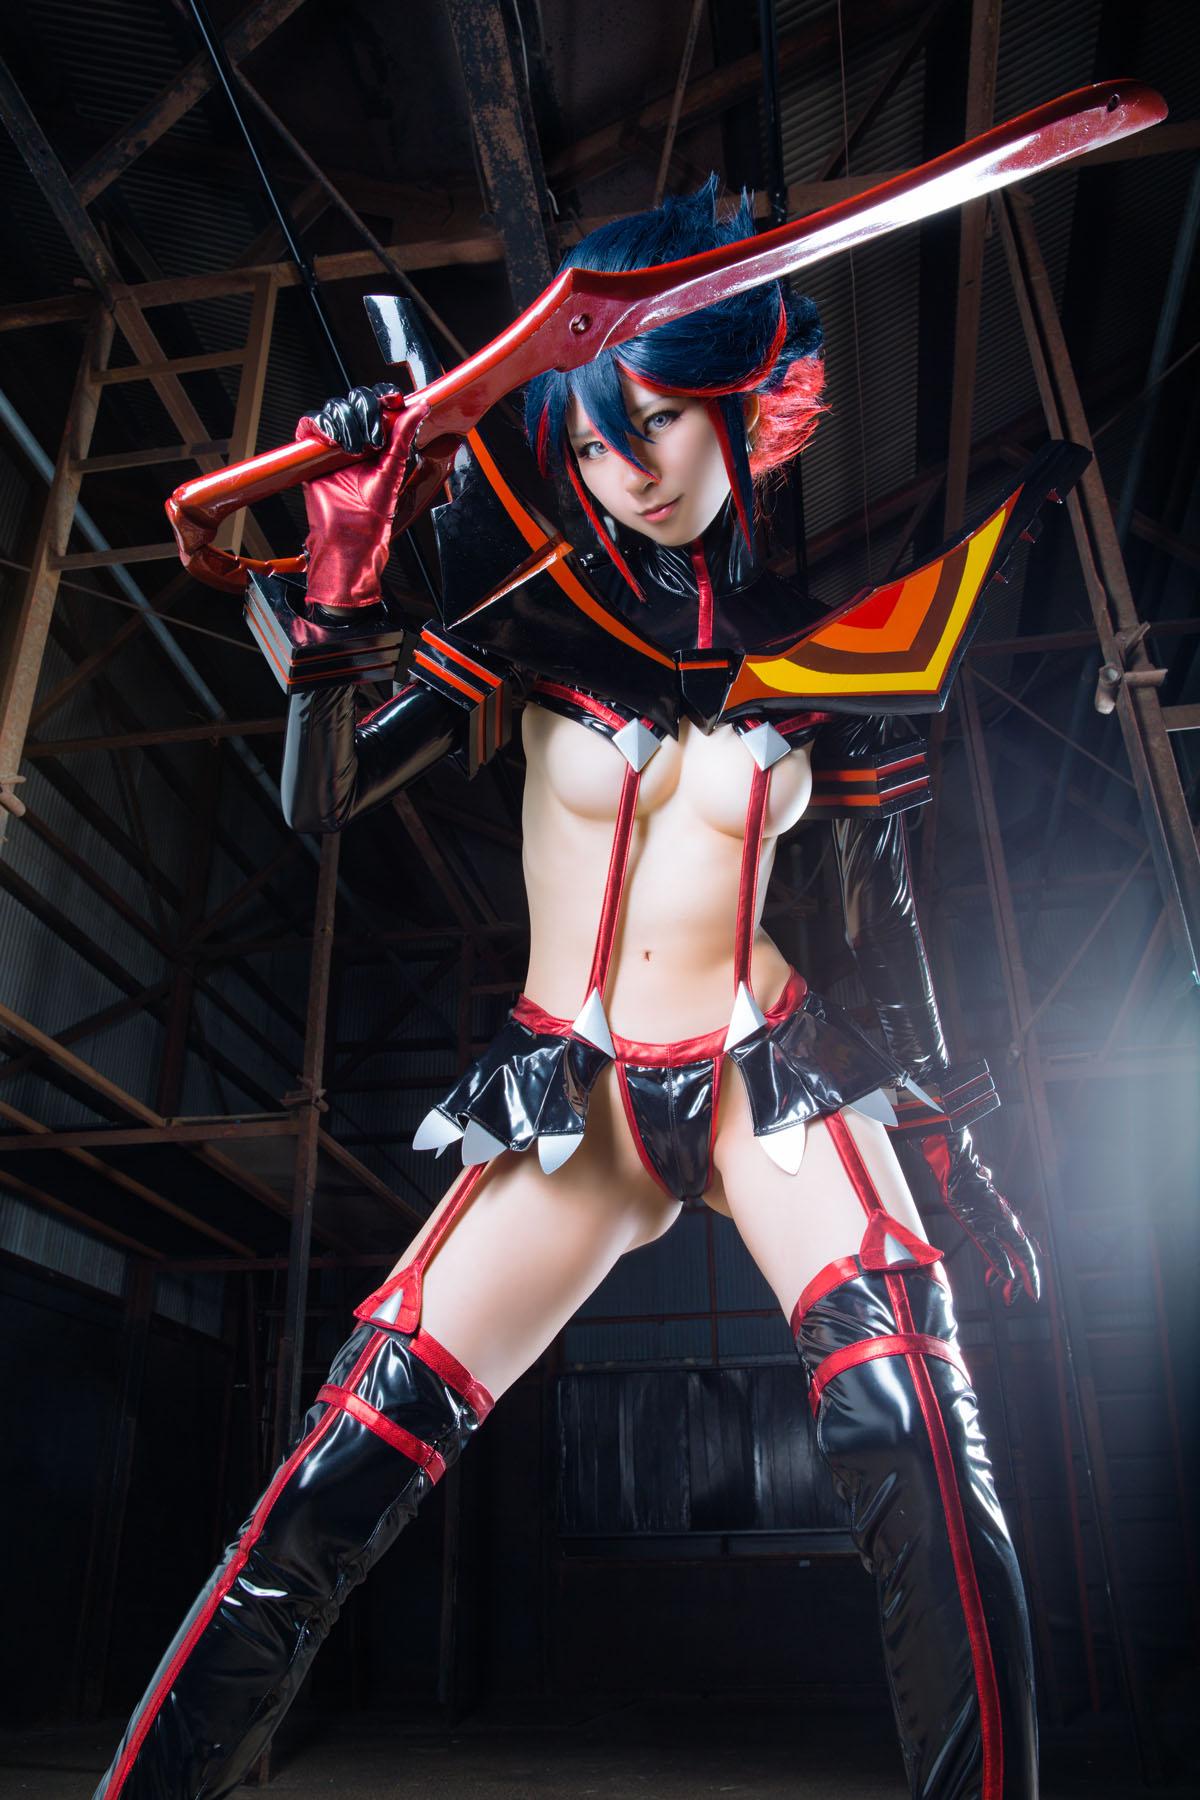 Kill la Kill Ryuuko Matoi anime cosplay by Mikehouse 0036